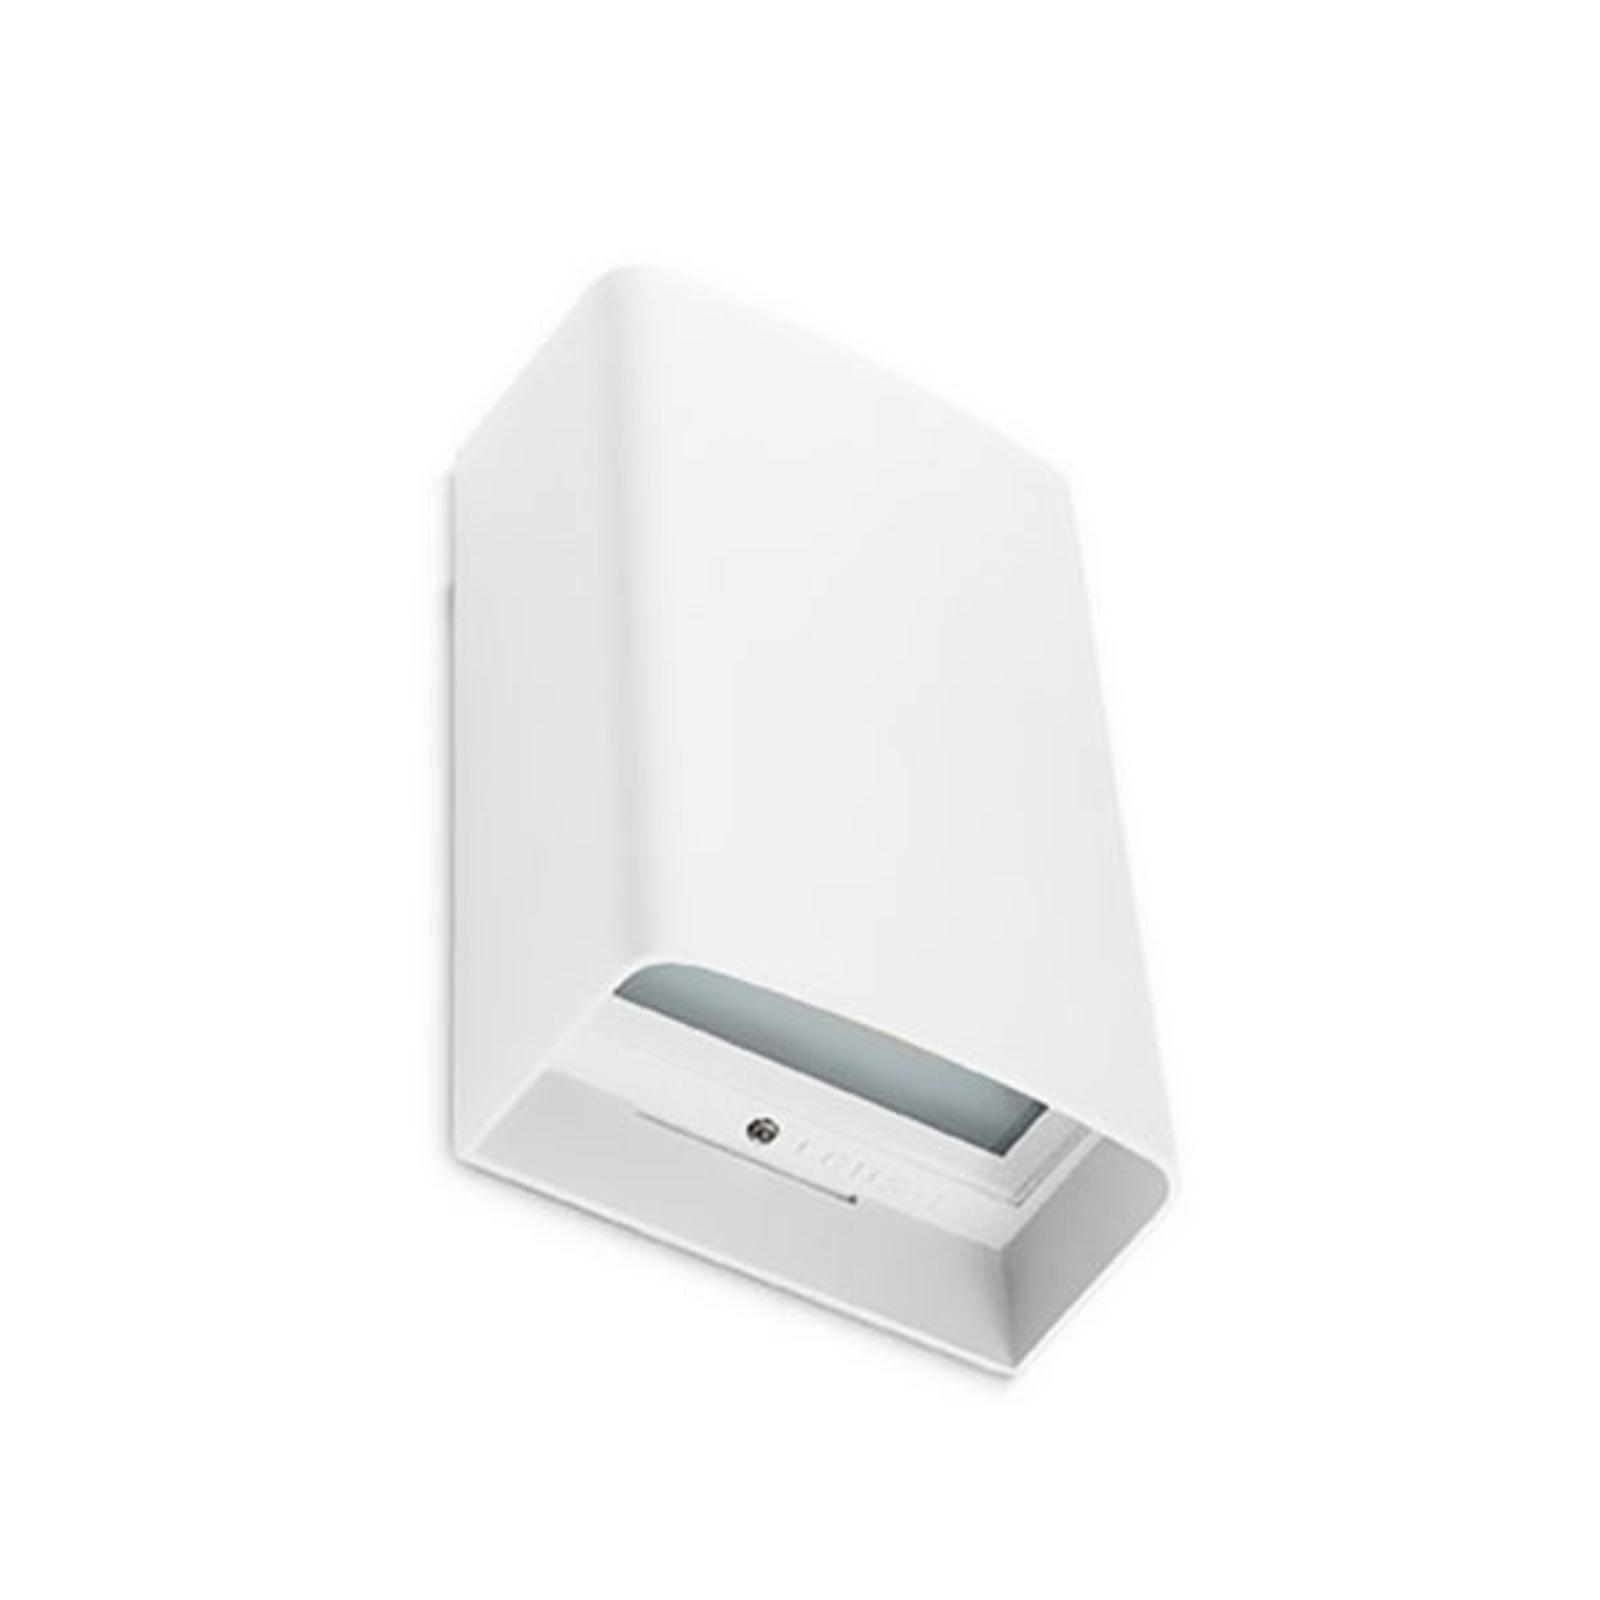 LEDS-C4 Clous utendørs LED-vegglampe, IP65